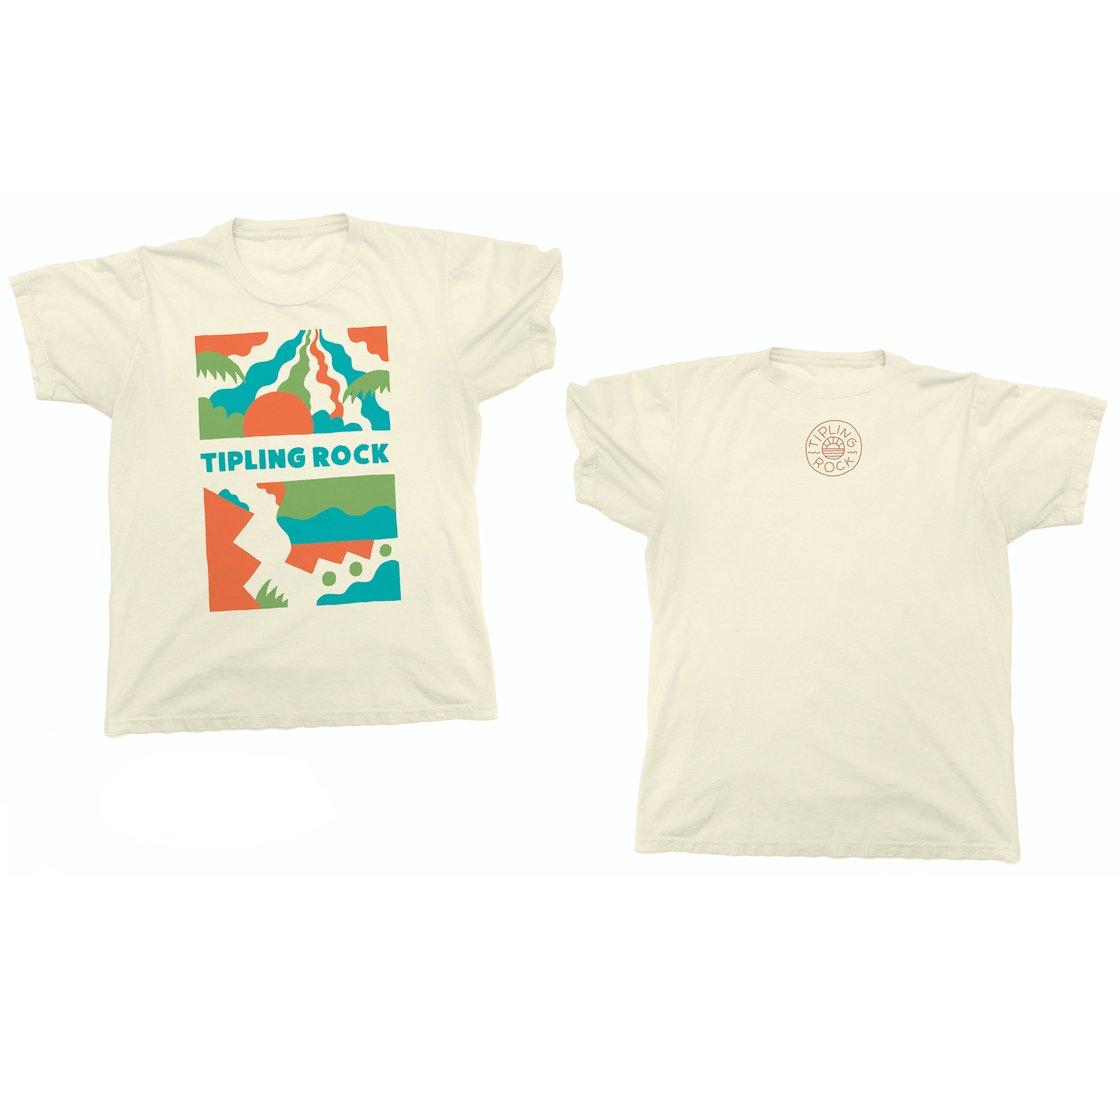 Image of Tipling Rock T Shirt (tan)